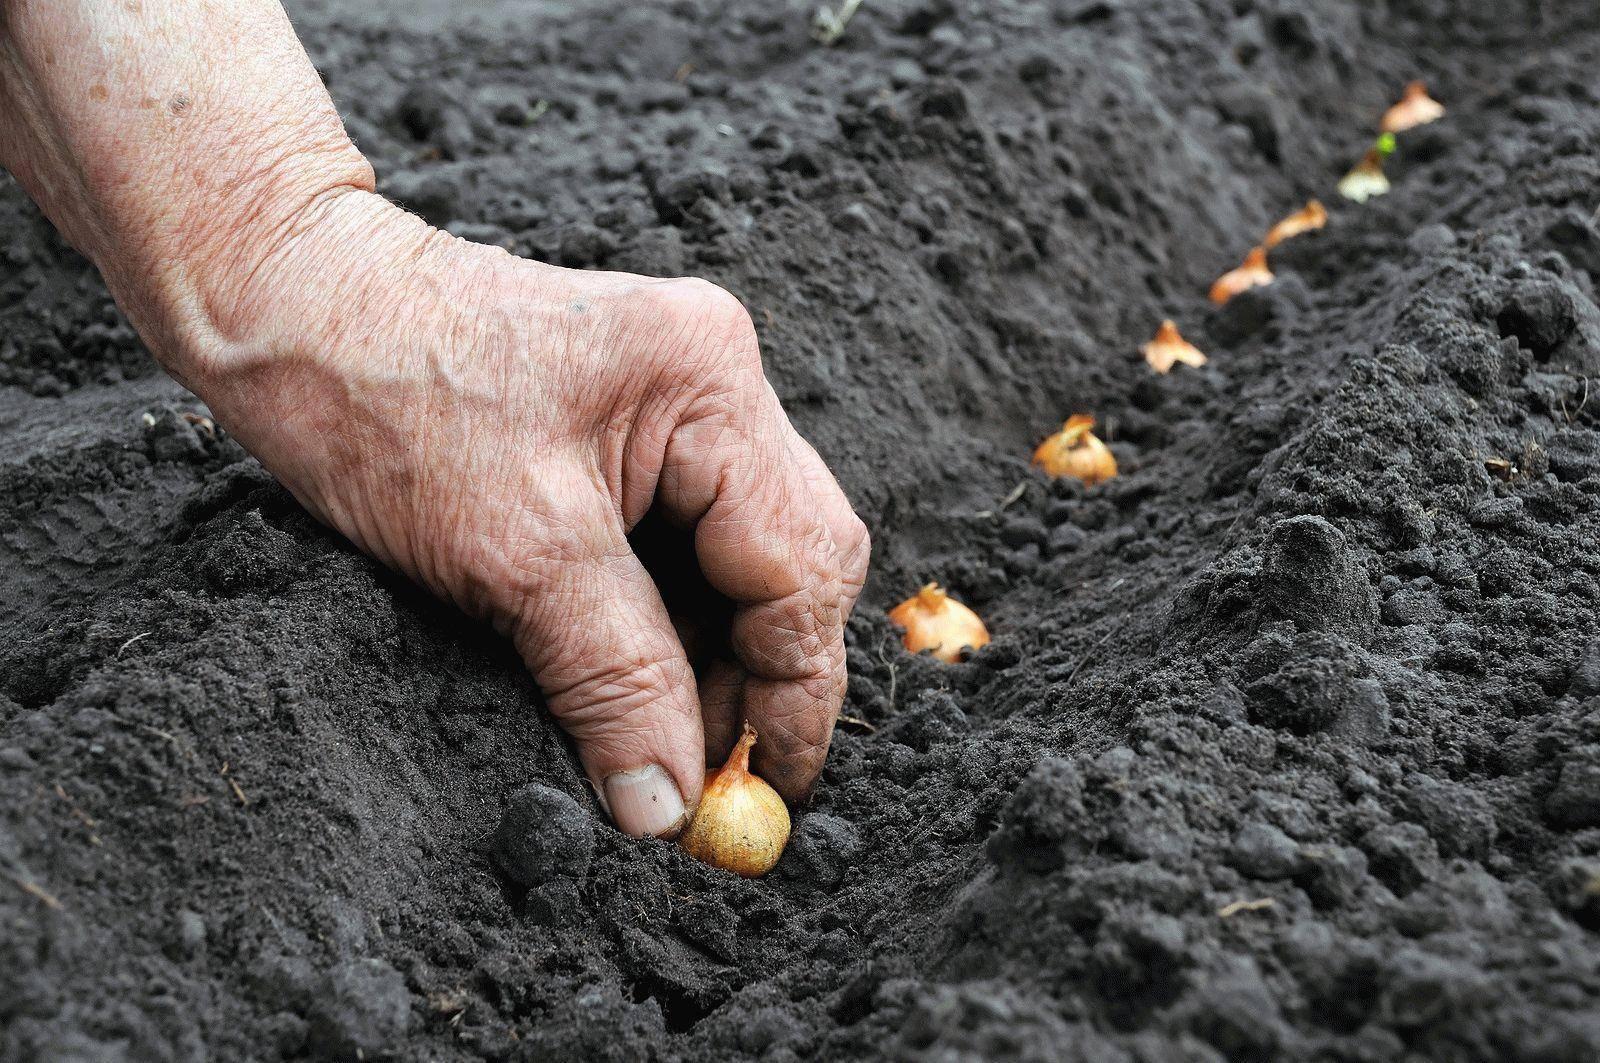 Посадка лука севка весной в открытый грунт: сроки, подготовка, агротехника |